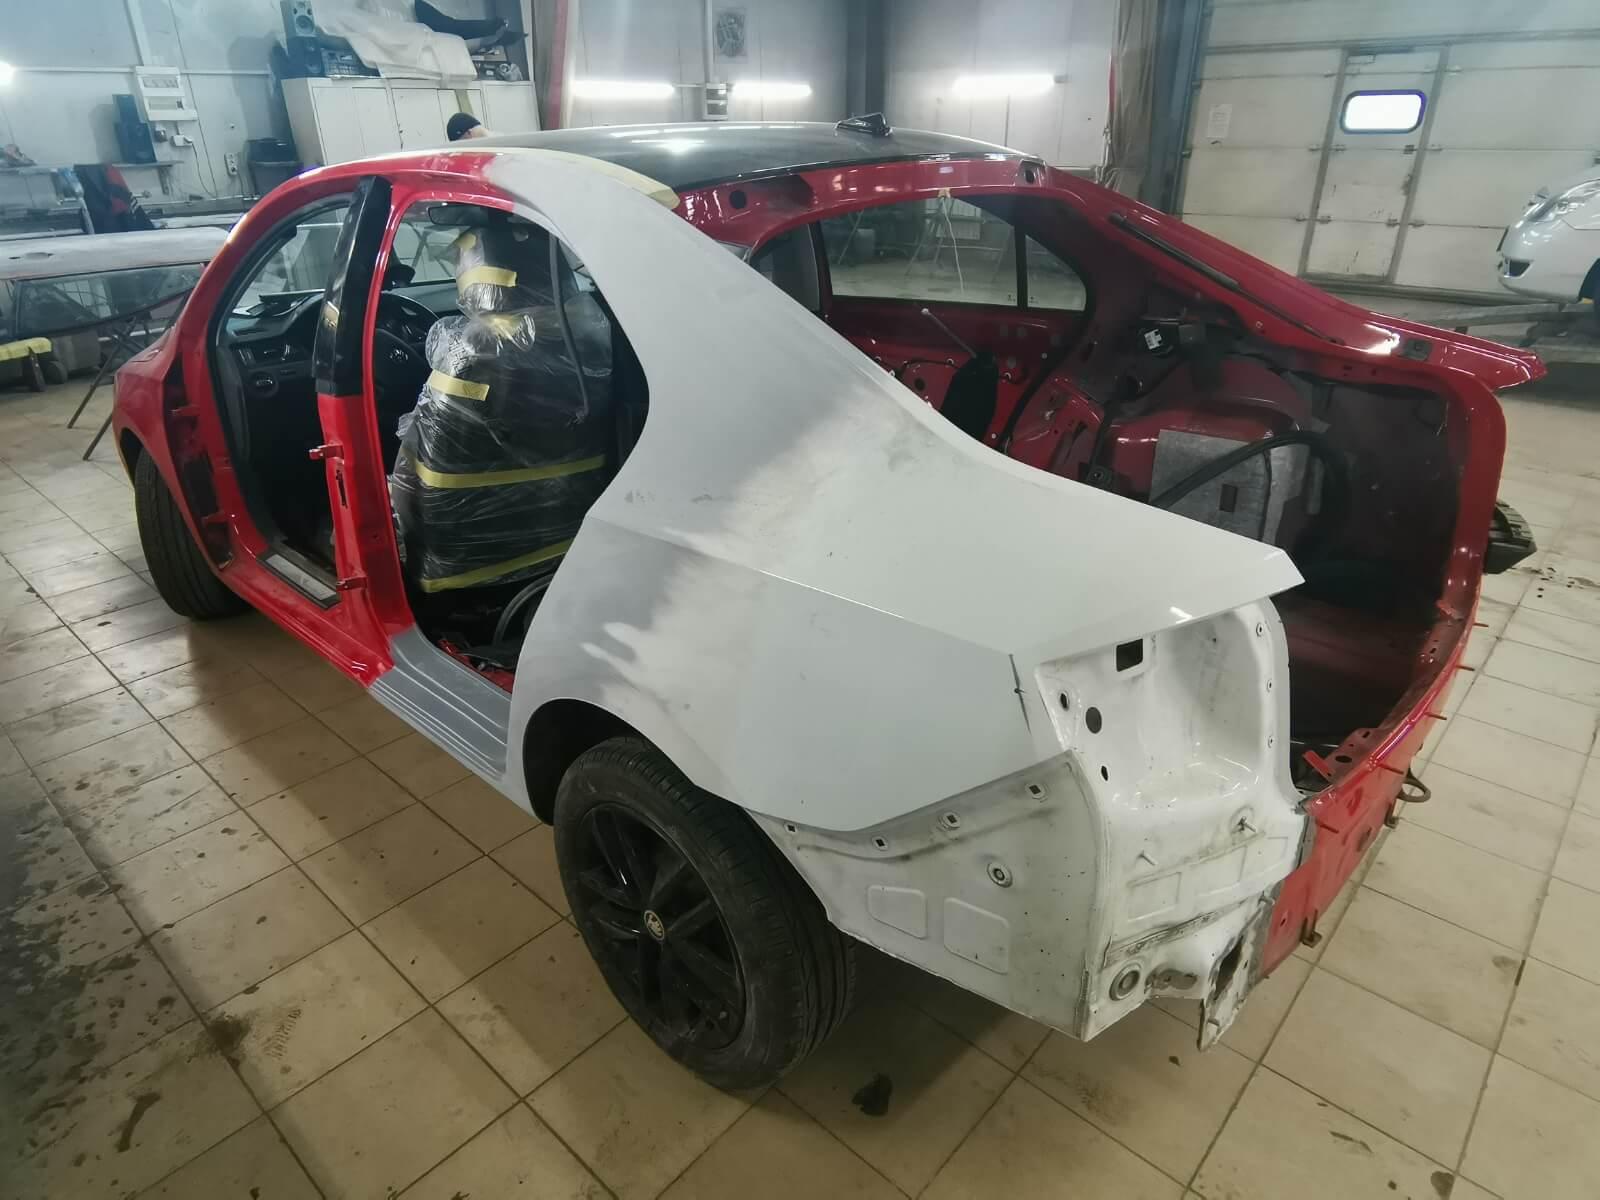 Автомобиль загрунтован и готов к покраске вместе с навесными элементами кузова